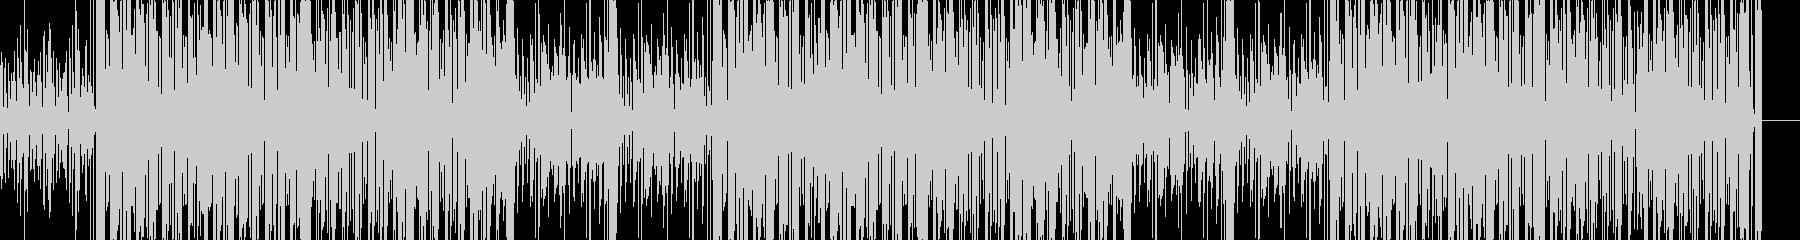 クラブ系2stepリズムのクールな曲の未再生の波形